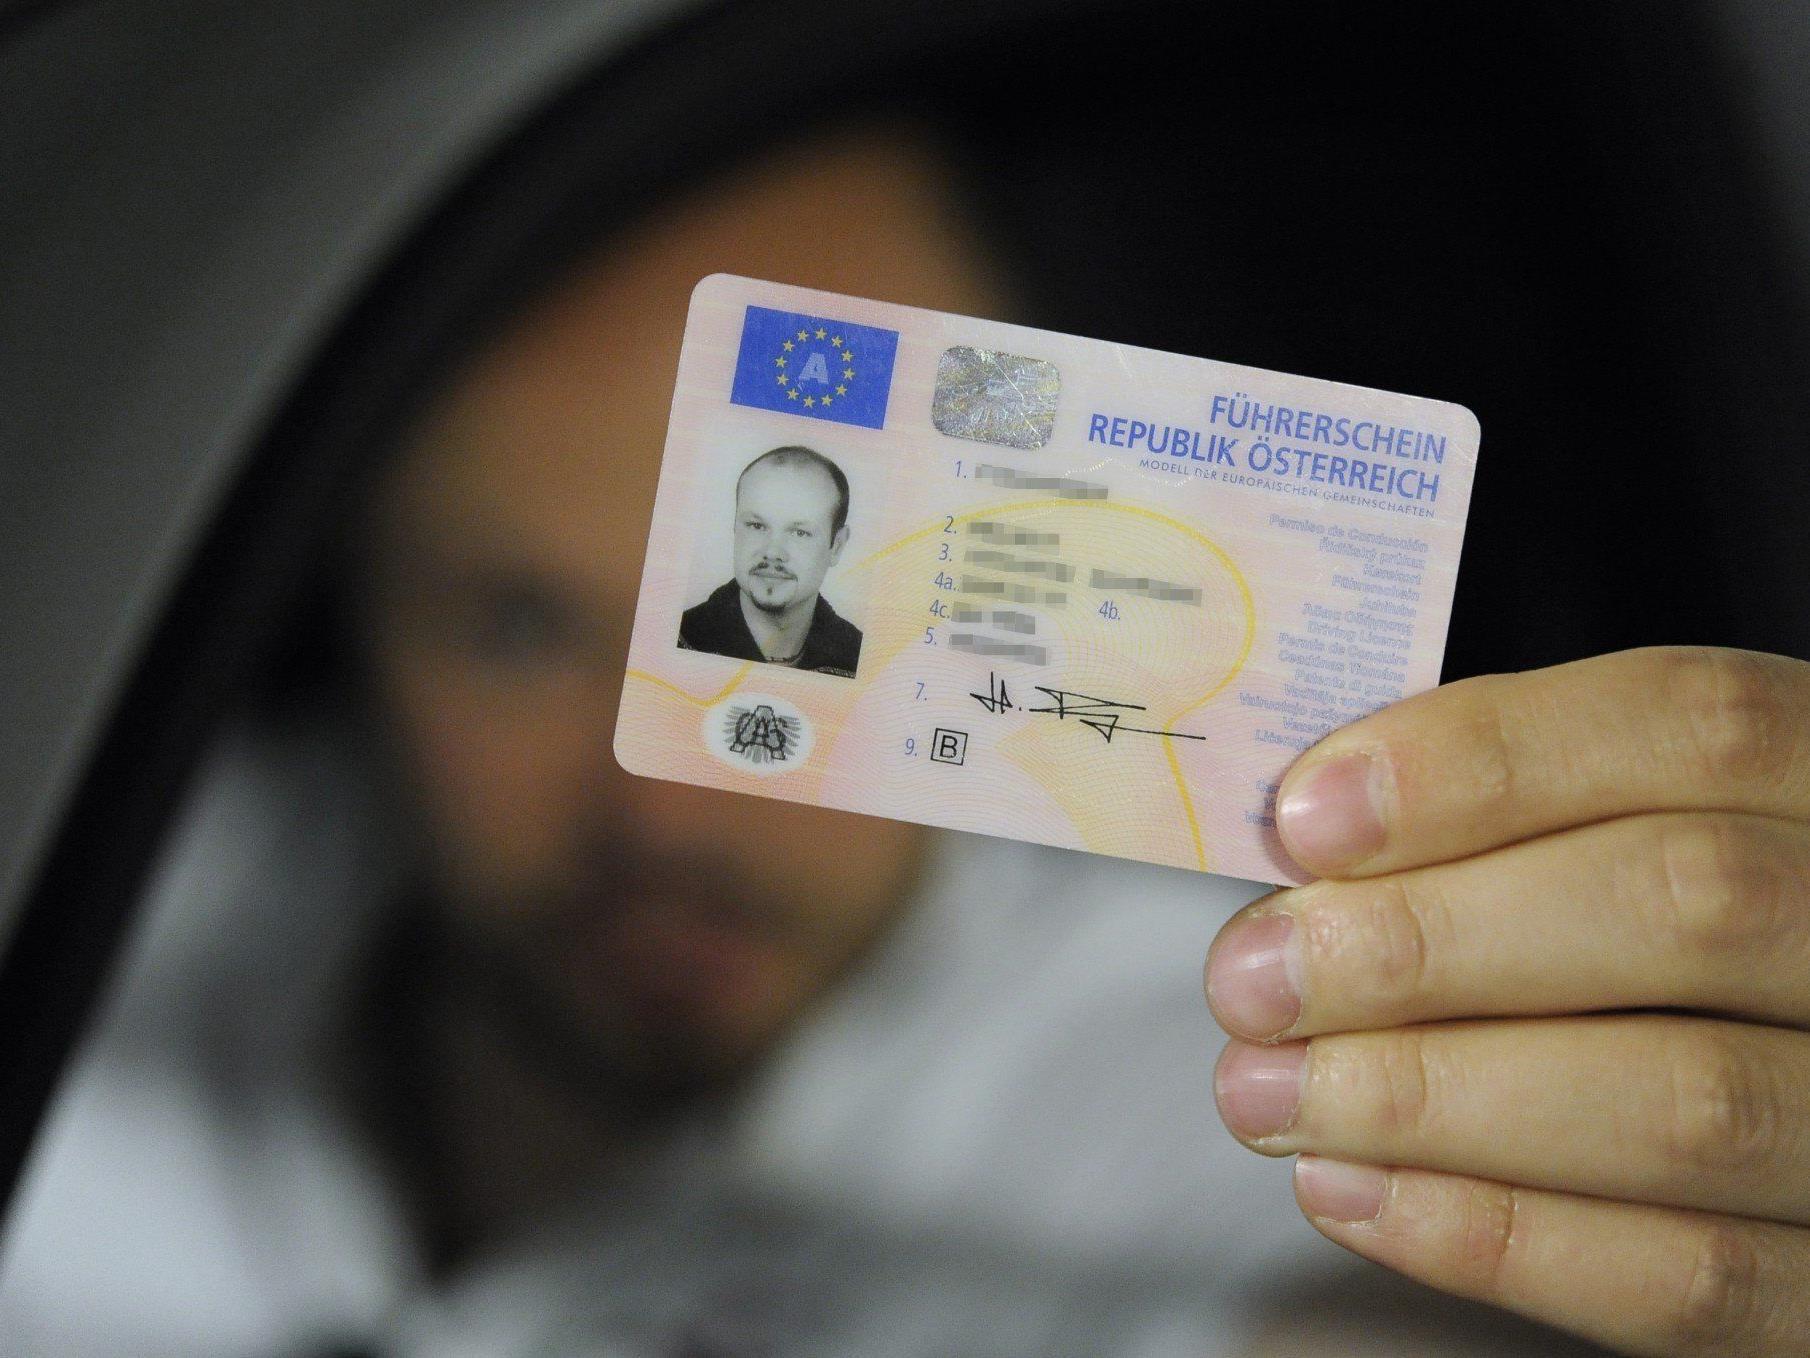 EU-Führerschein: Nach EU-Recht kann man den Führerschein in einem anderen Mitgliedsstaat erwerben. Voraussetzung: der Wohnsitz dort.